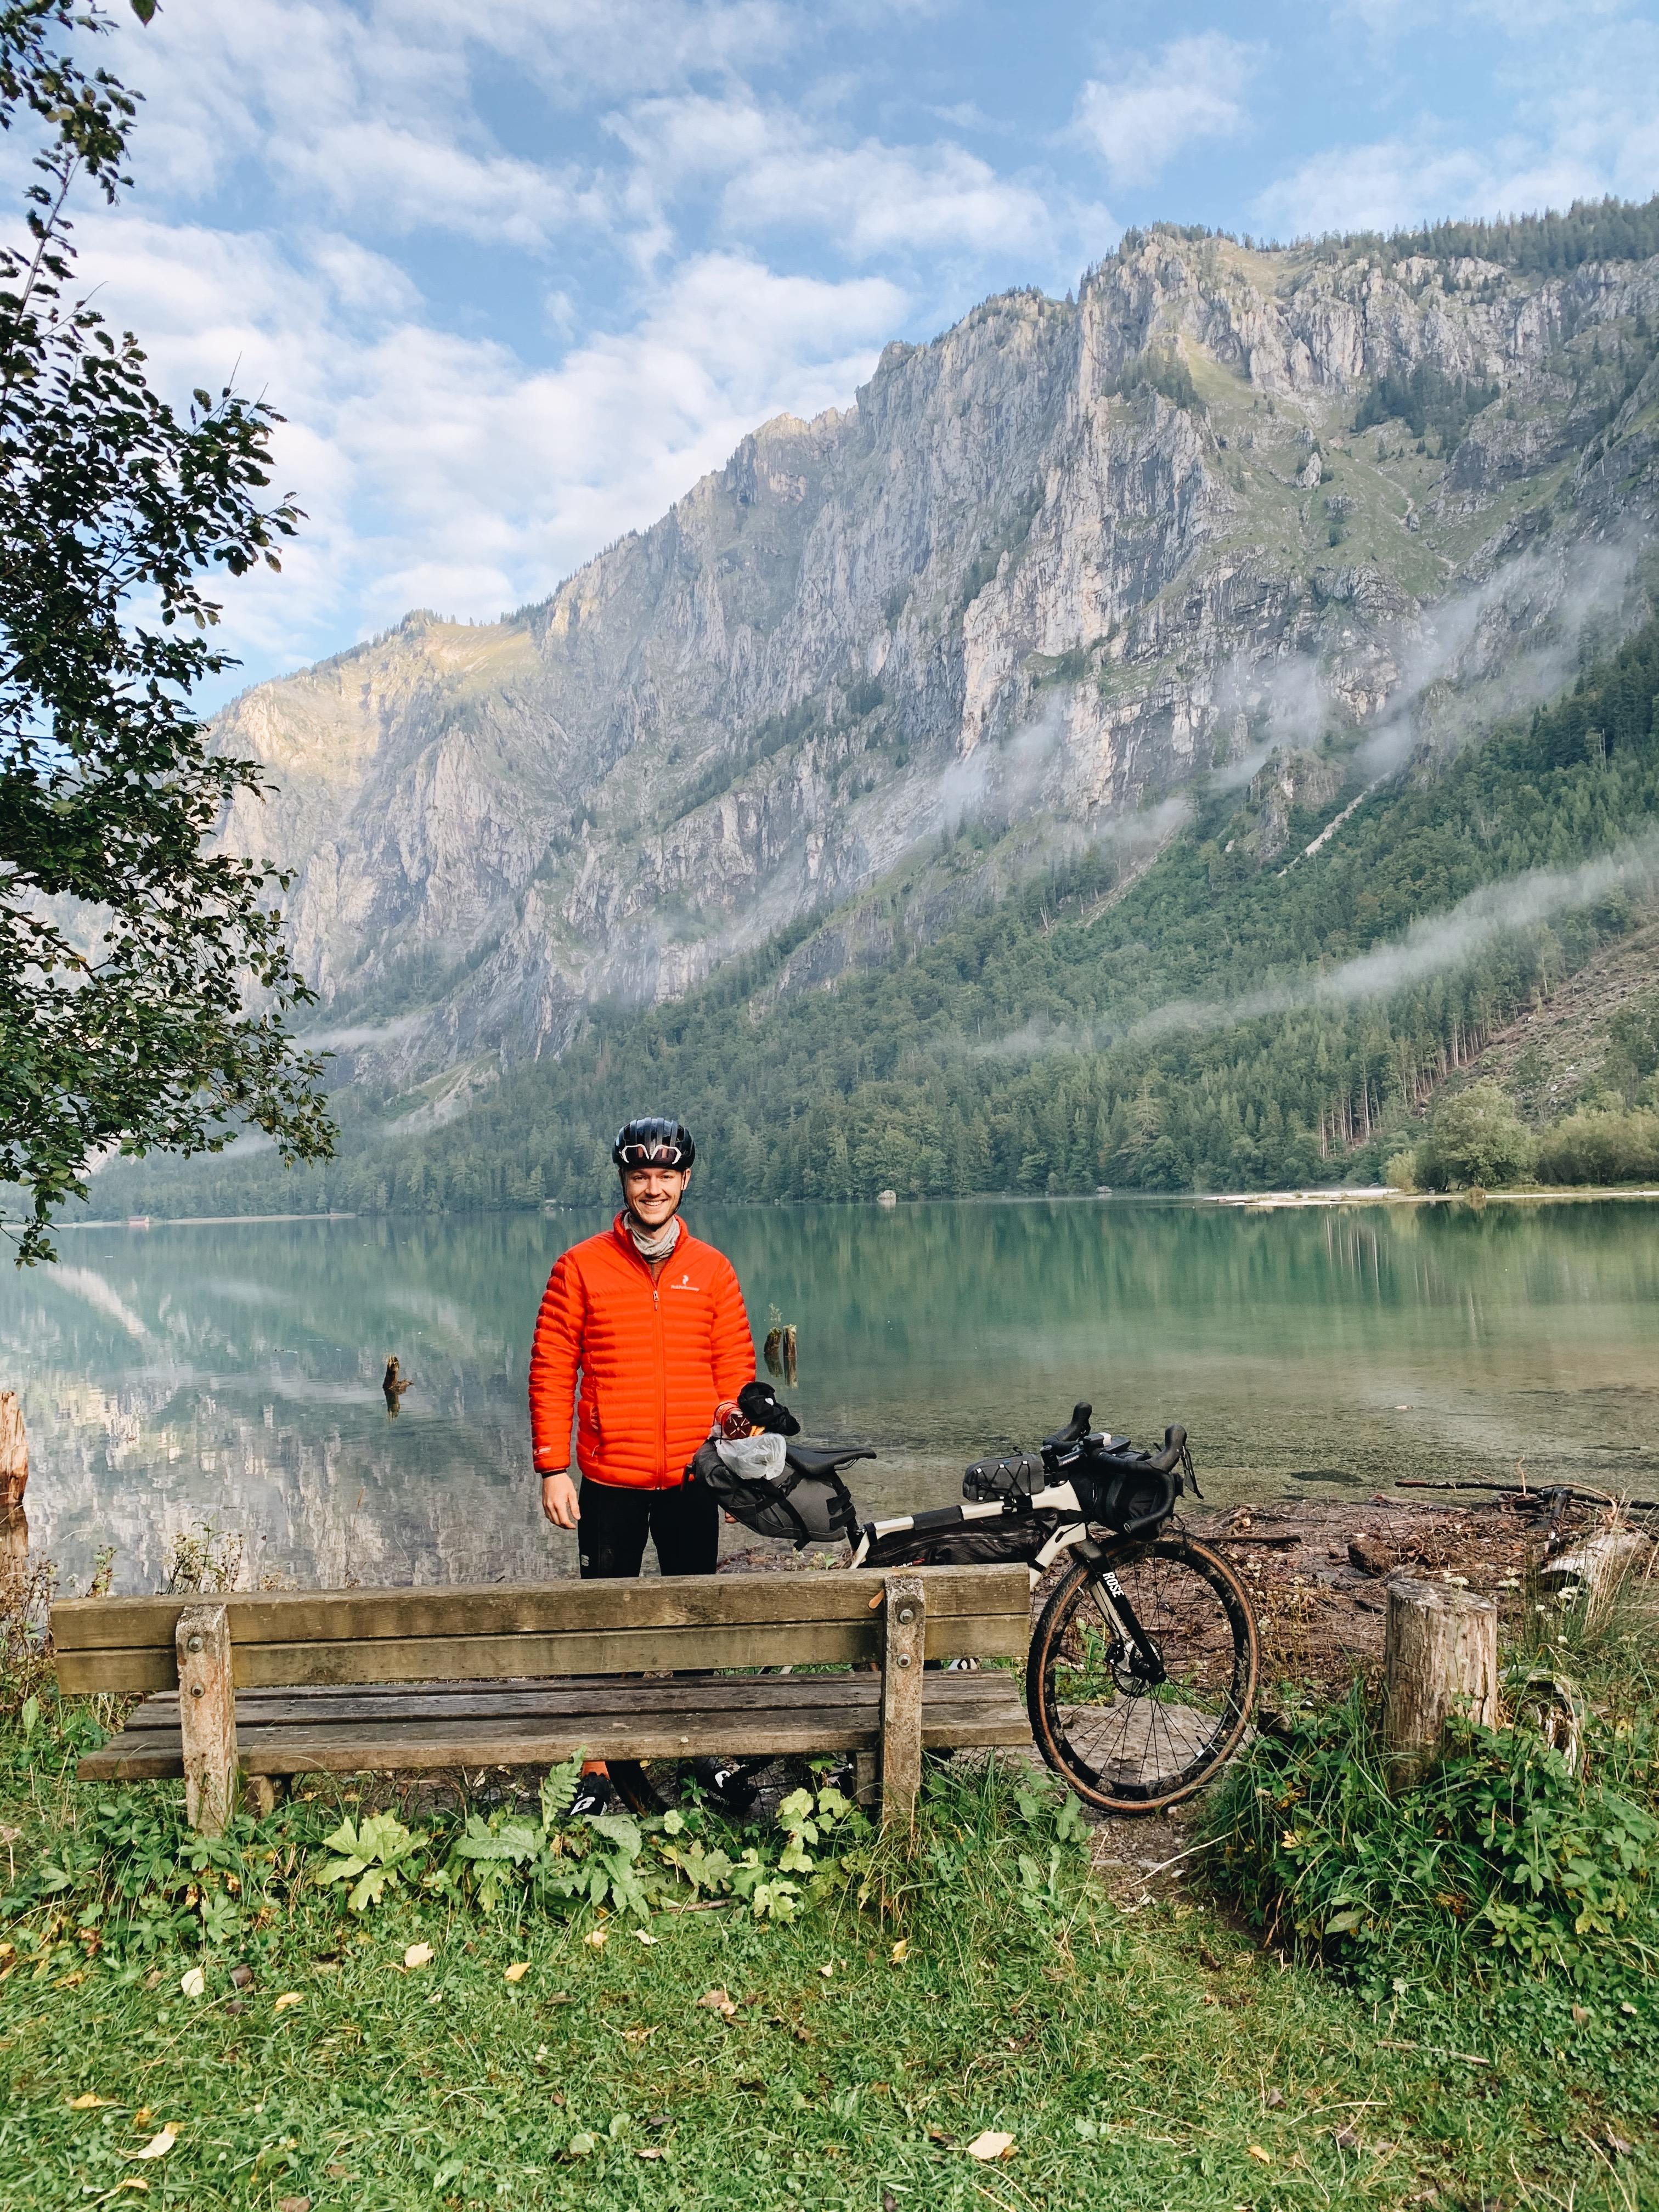 Leopldsteinersee, Radreise, Bikepacking